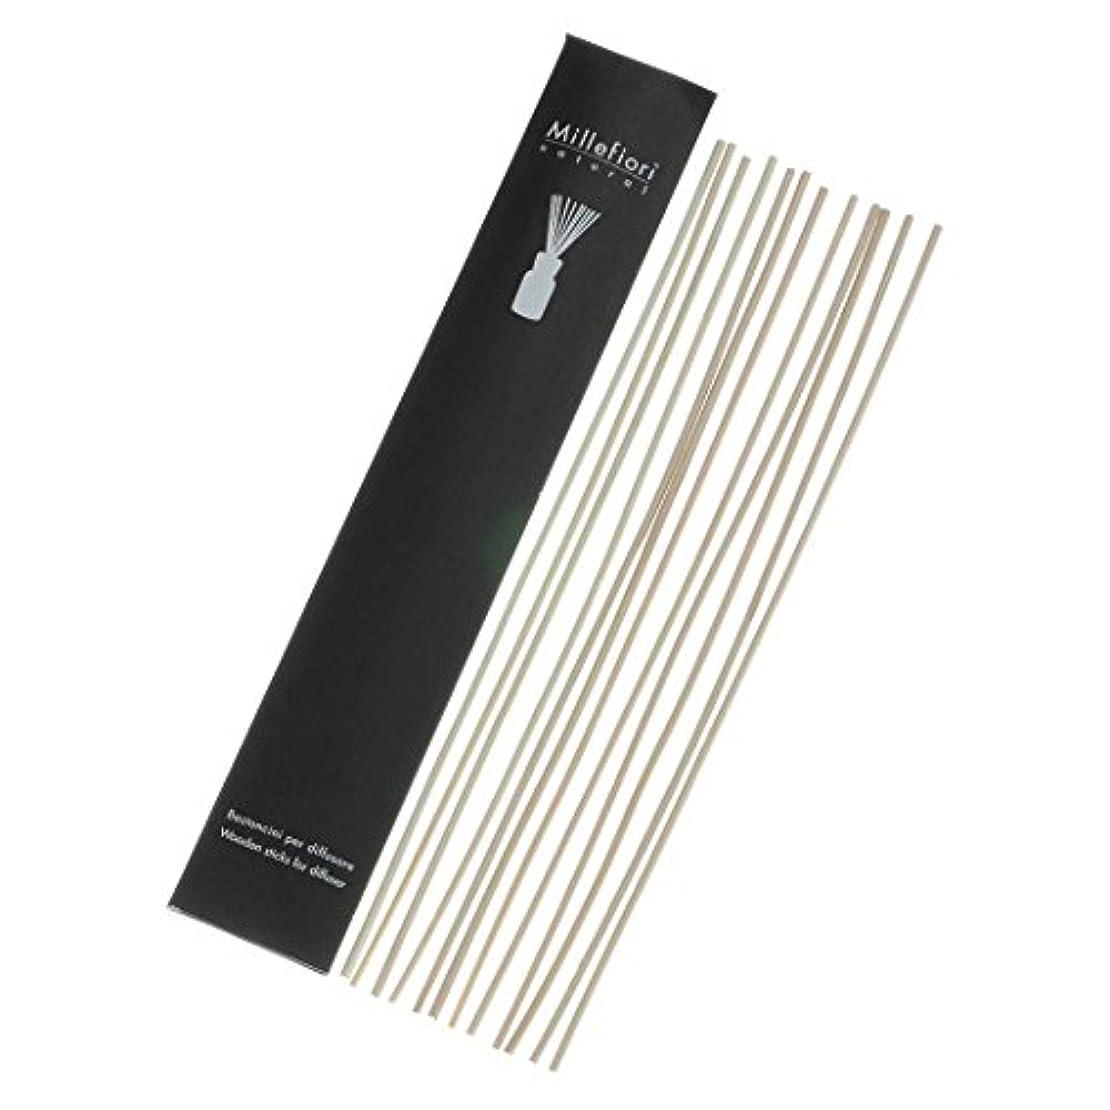 メロドラマティックスケルトンスパンMillefiori Naturalシリーズ リードディフューザー Lサイズ用 交換用スティック STK-NL-001